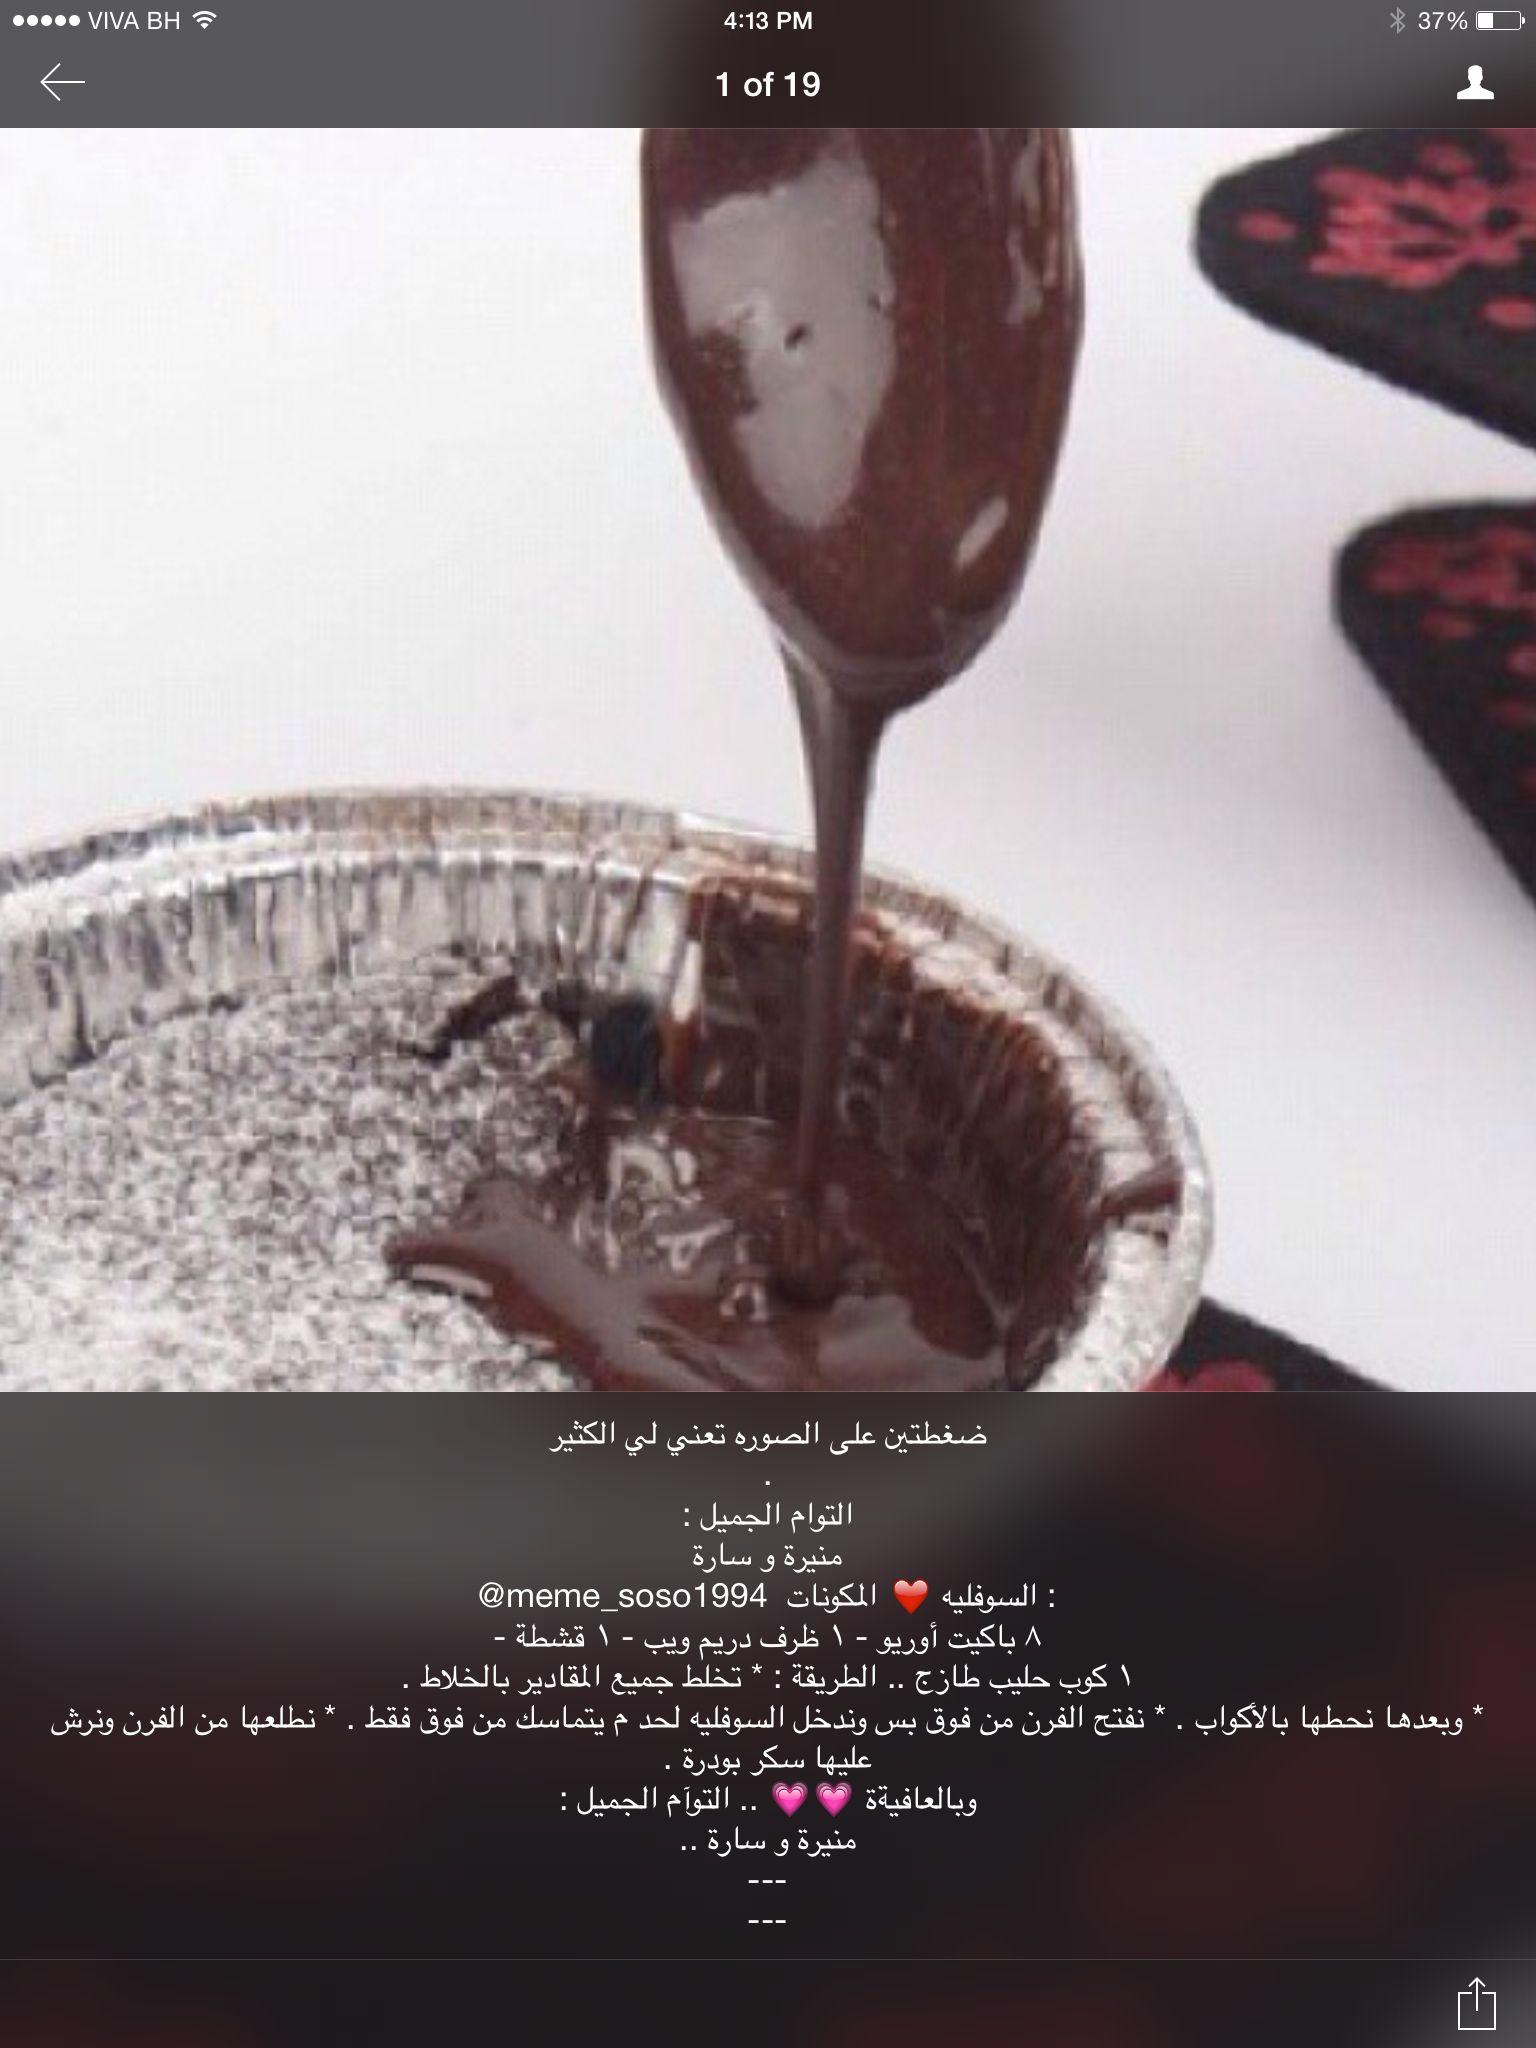 سوفليه Dessert Ingredients Soft Pretzels Food